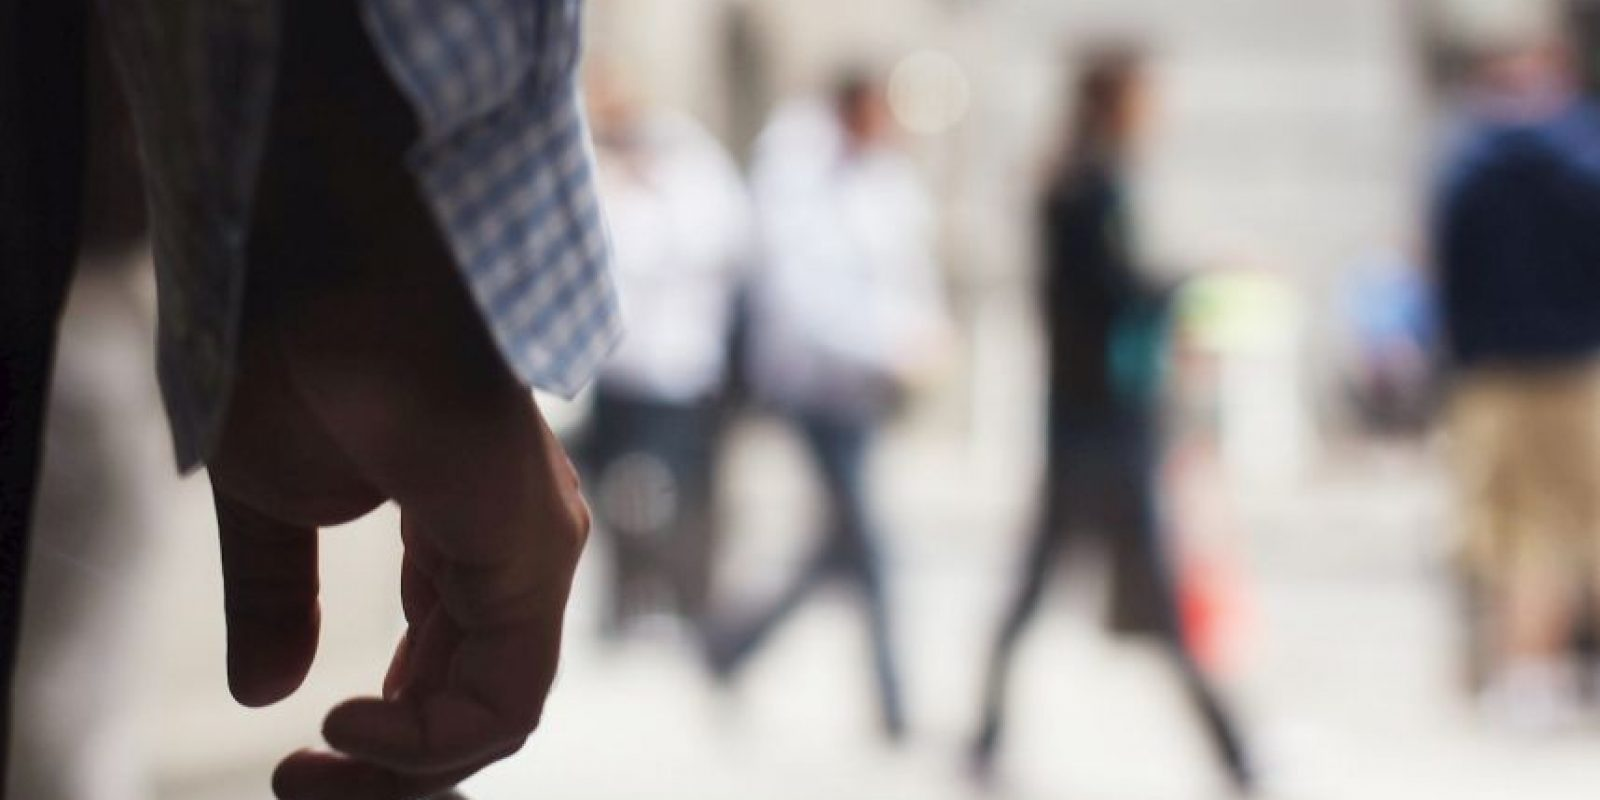 Las autoridades esperan se reduzca el consumo de tabaco. Foto:Getty Images